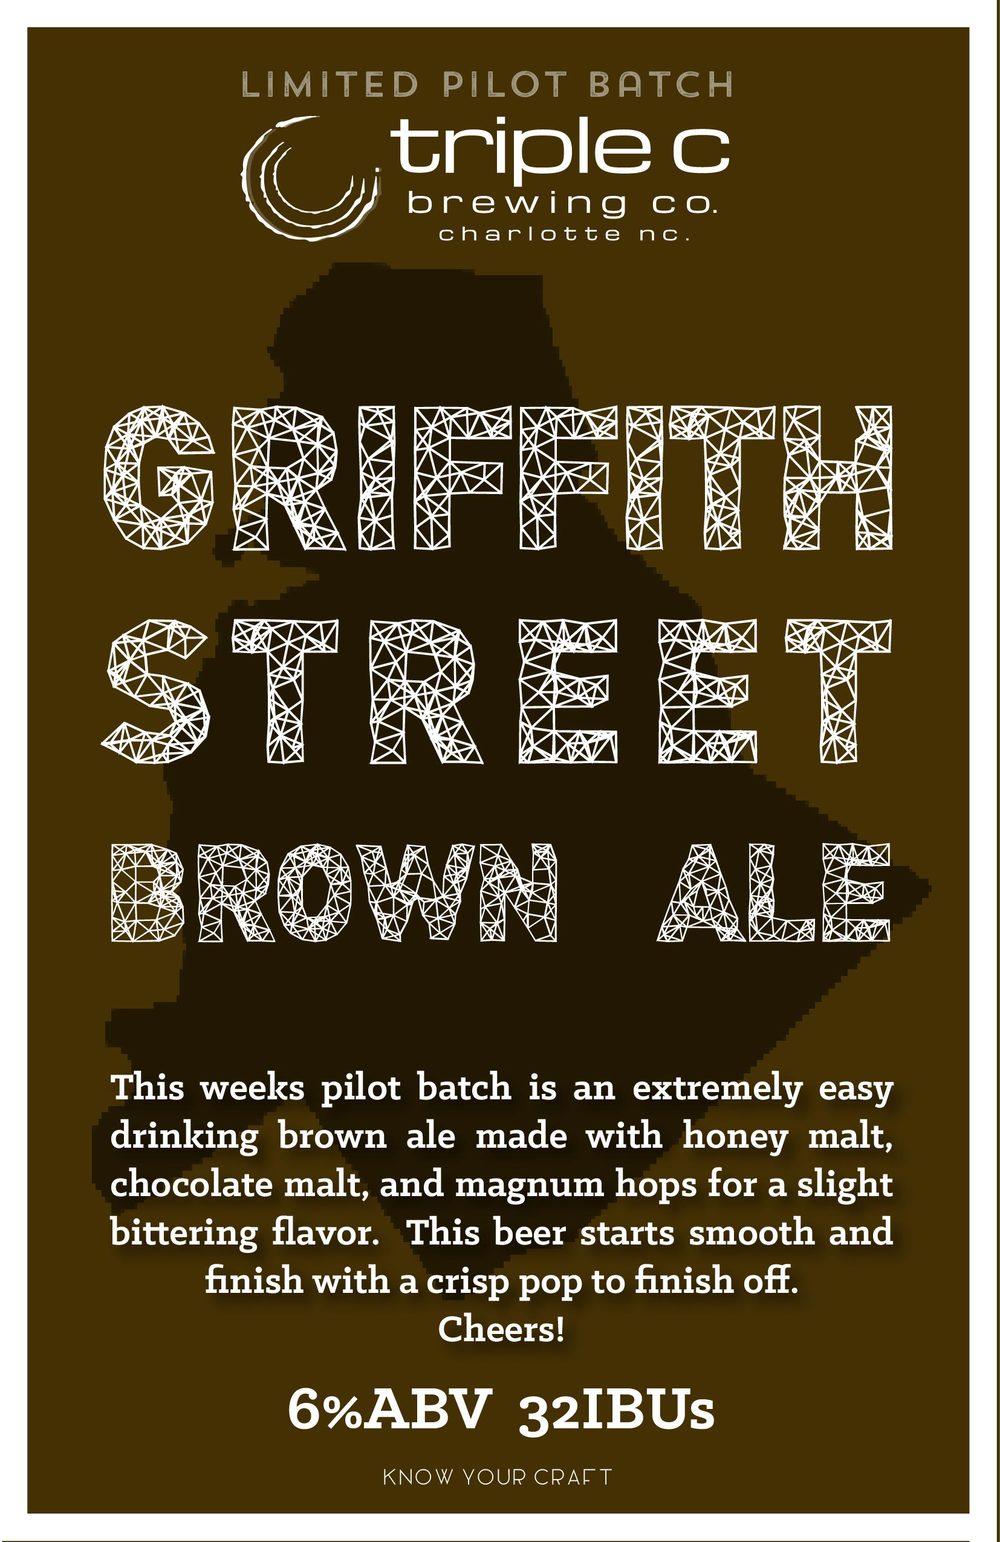 griffithstreetbrown.jpg